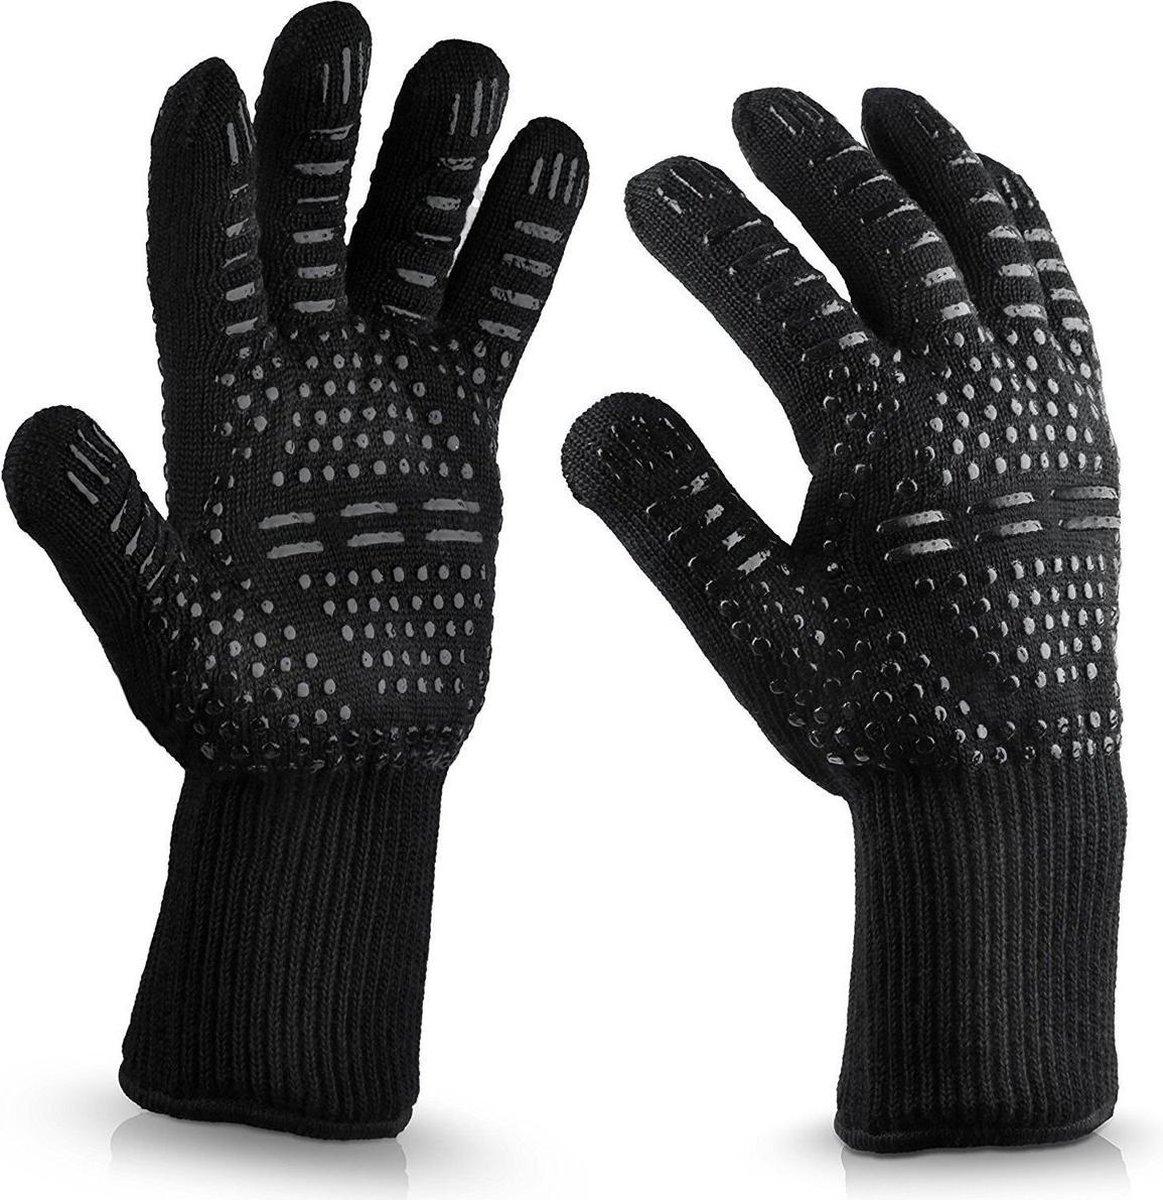 QY Hittebestendige BBQ & Oven Handschoenen - tot 500 C - Extra Lang Voor Armbescherming - zwart